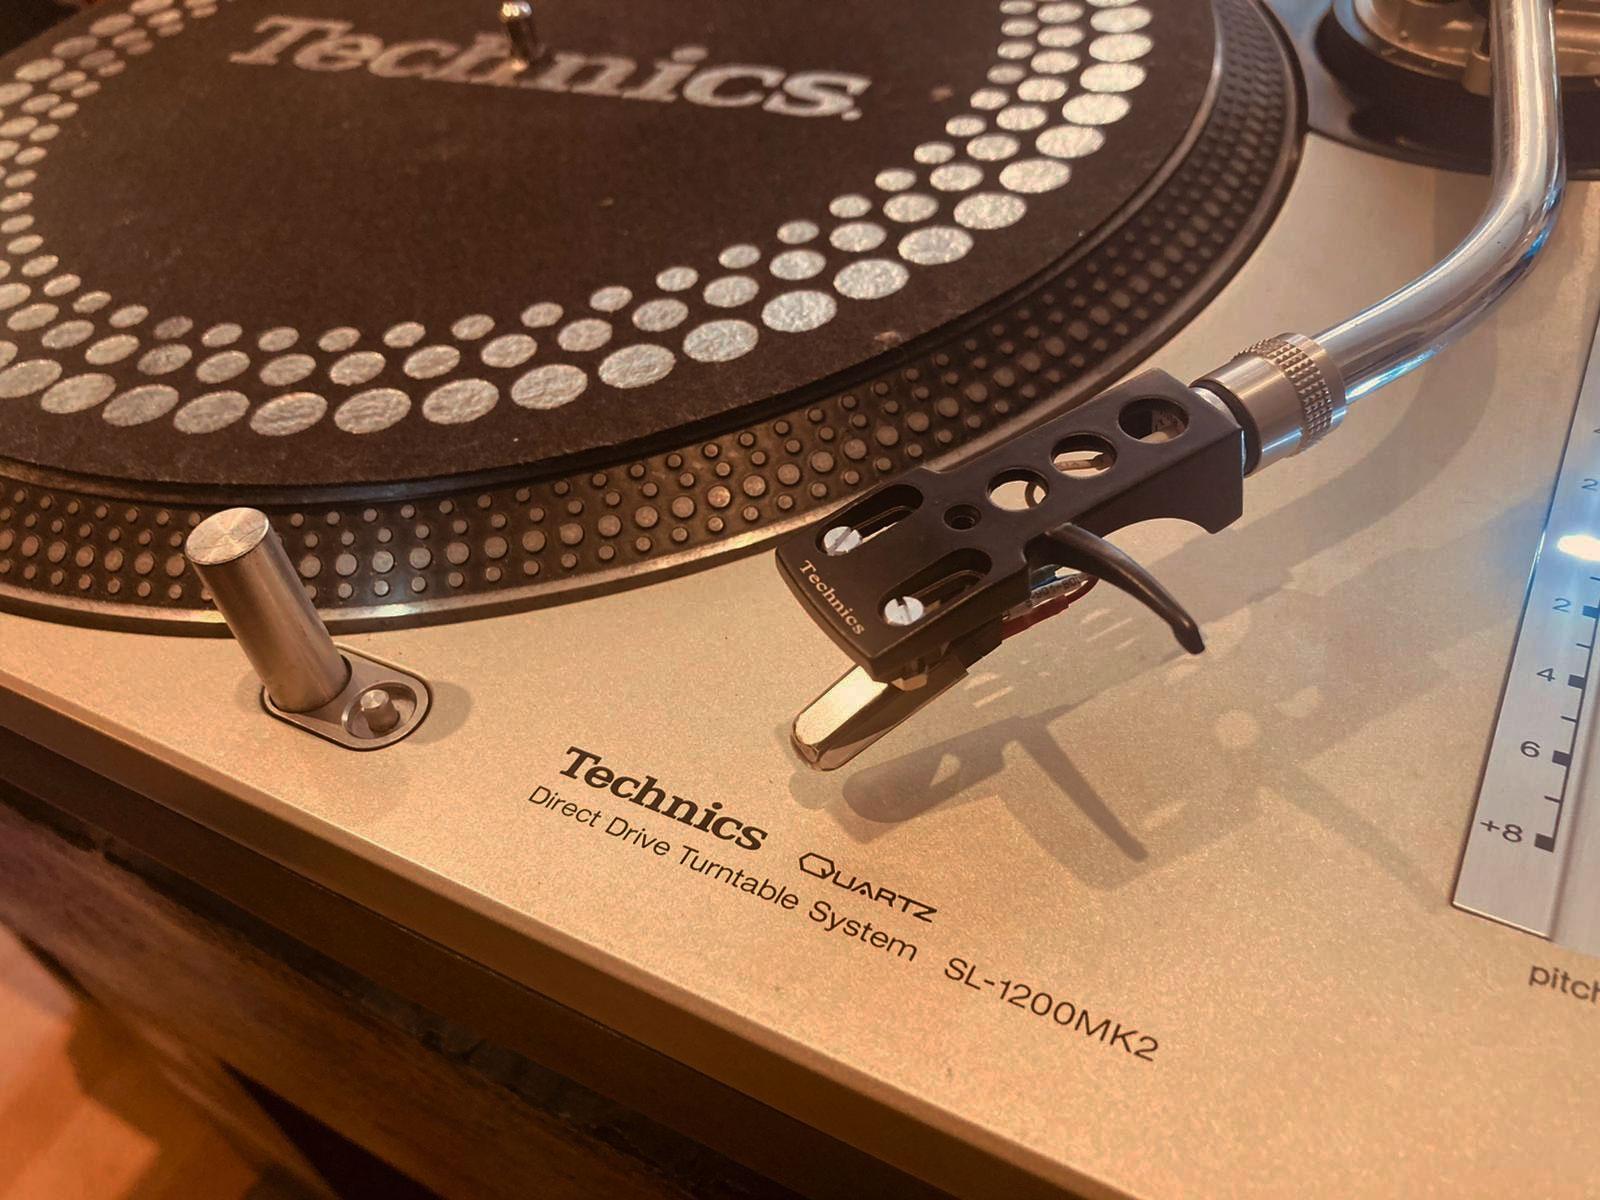 Turntable Technics